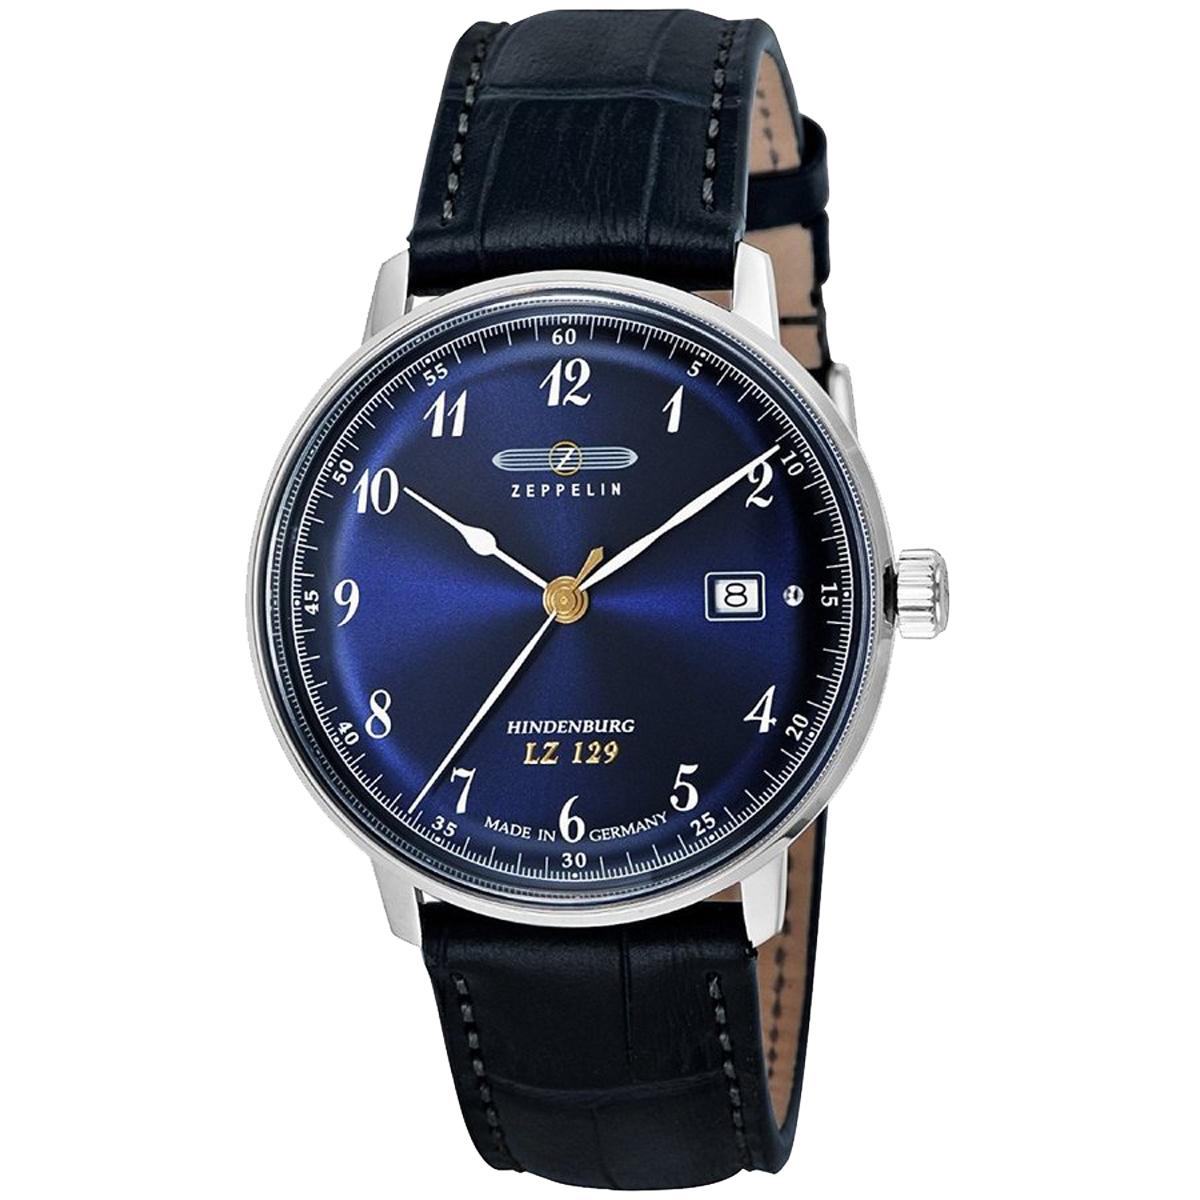 【全品送料無料】 ZEPPELIN ツェッペリン 7046-3 Zeppelin号 メンズ 時計 腕時計 プレゼント ギフト 贈り物